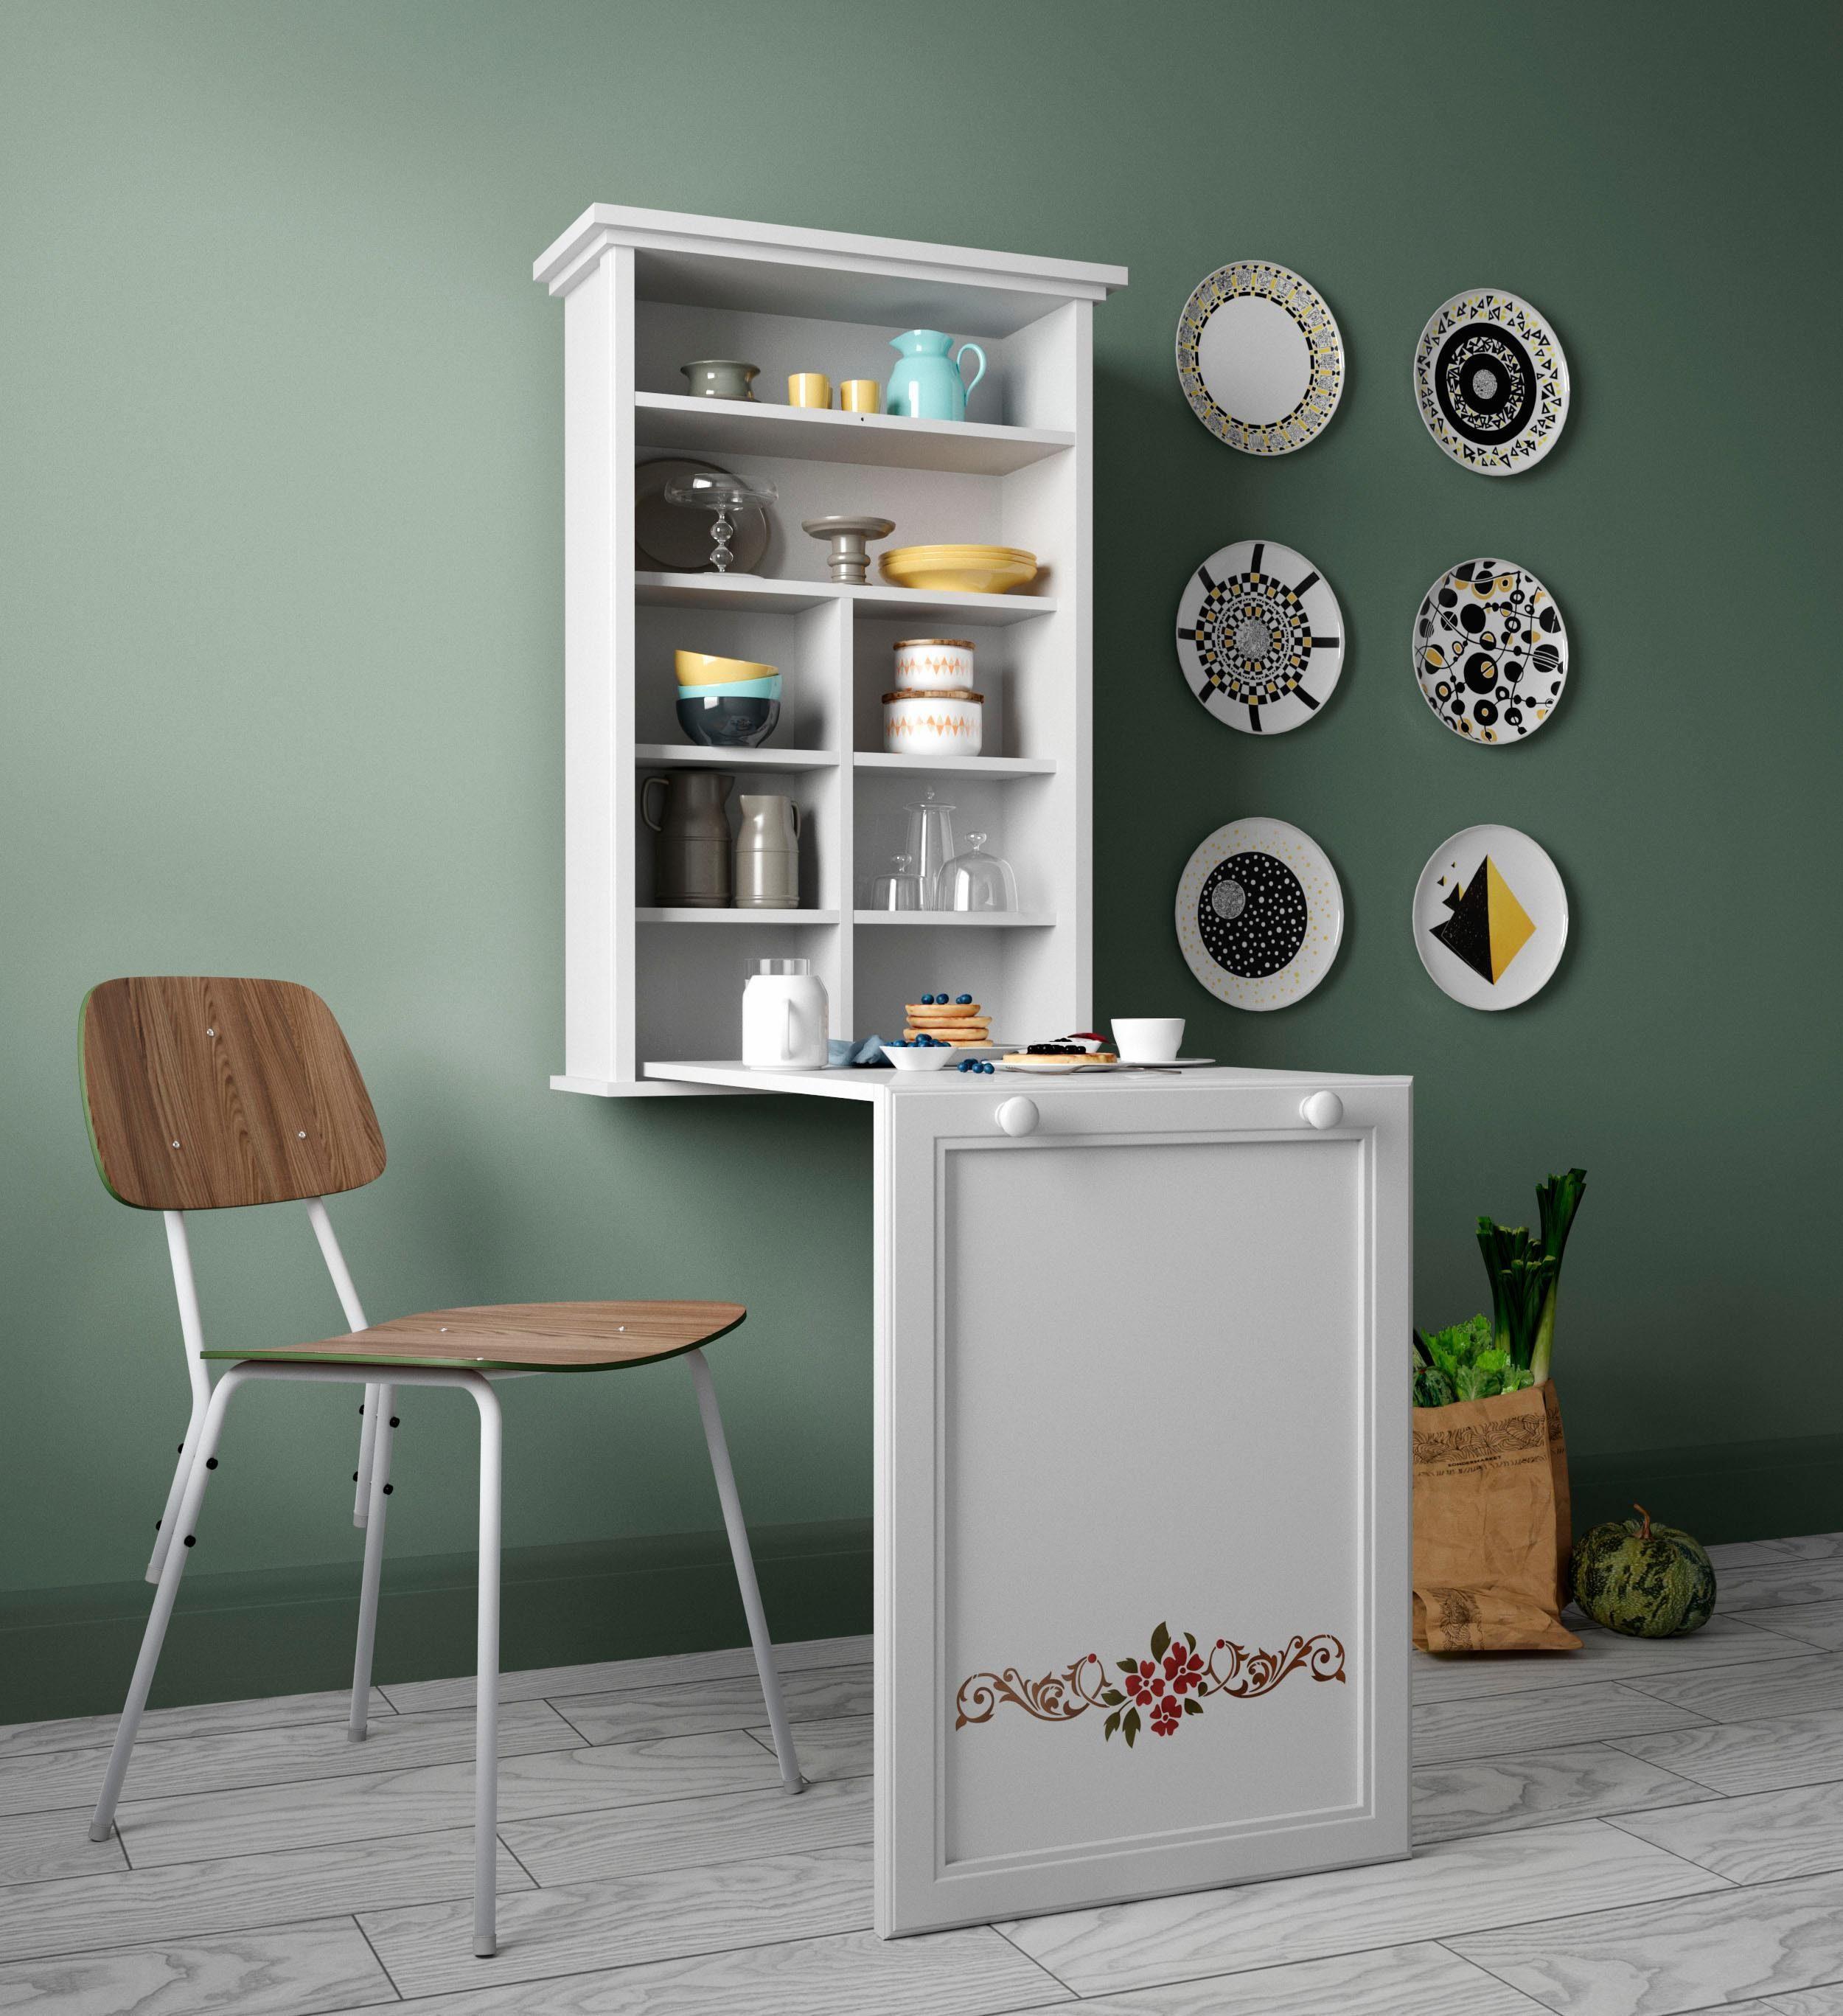 Kasper Wohndesign Hocker: Akzentmoebel Unger Shop Conform